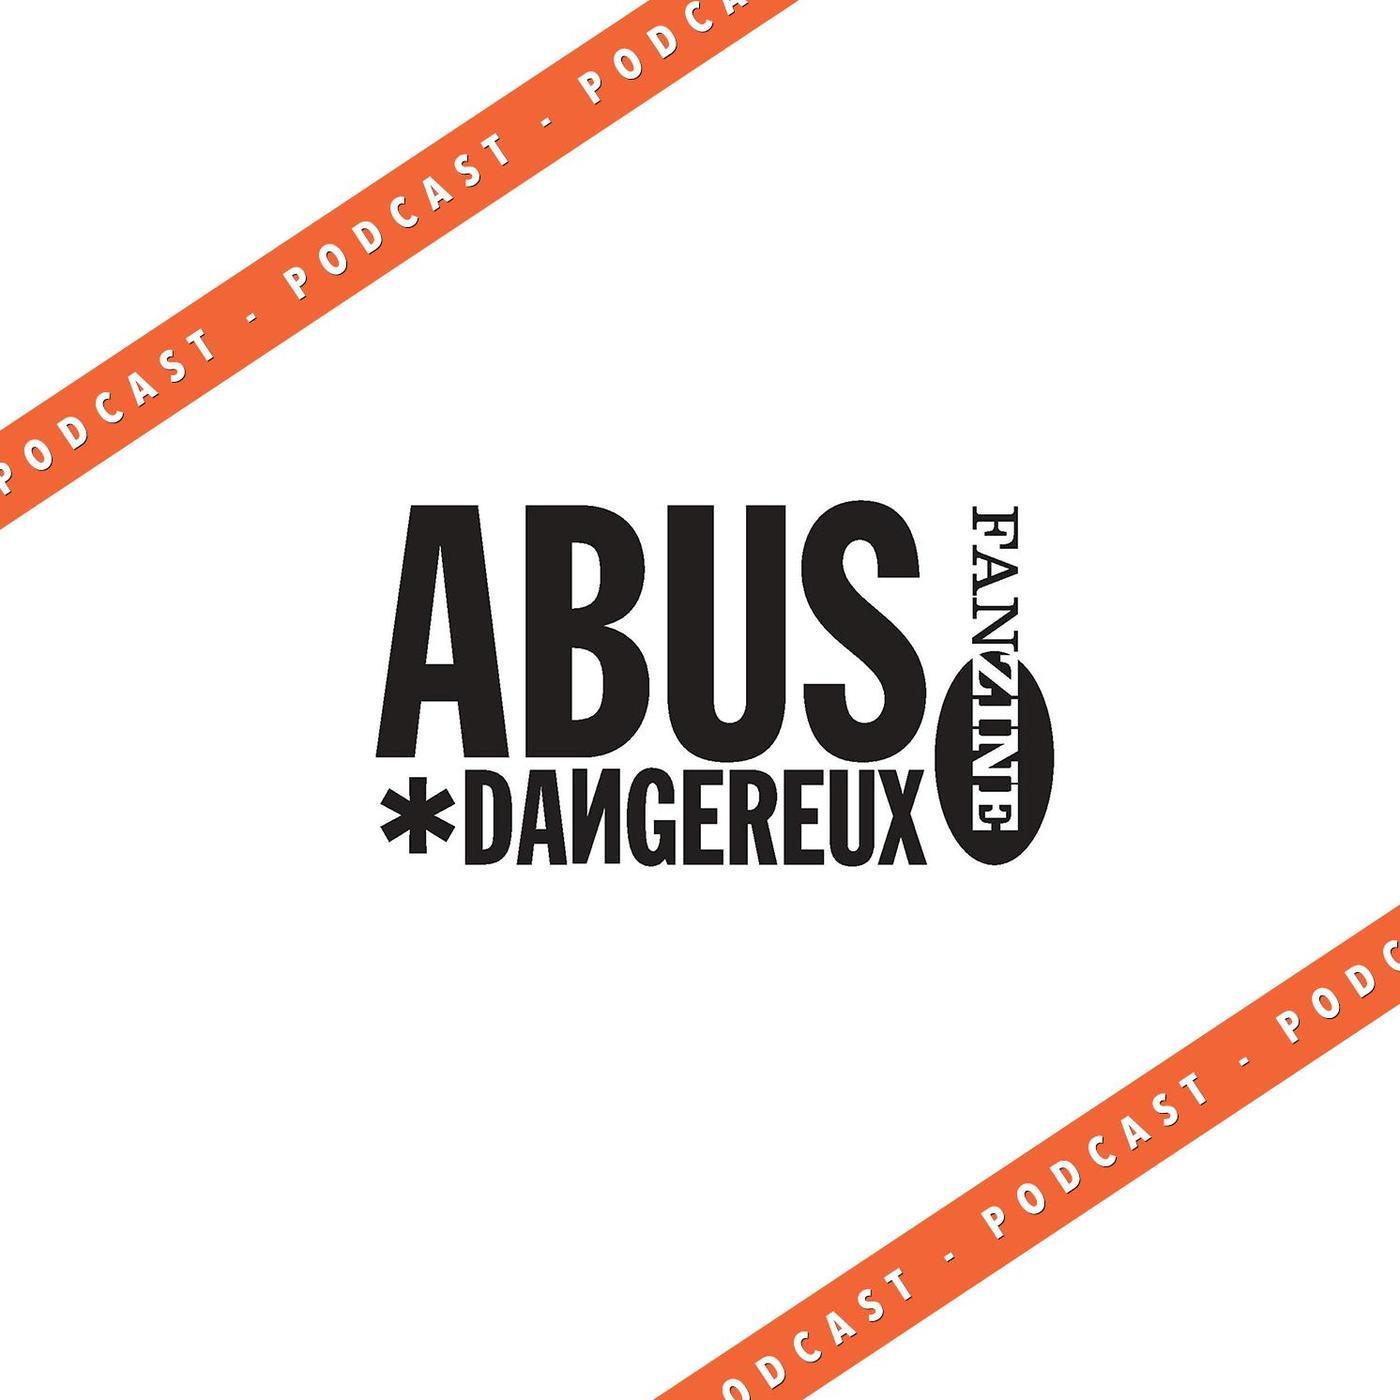 Abus Dangereux 156 - Extrait 3